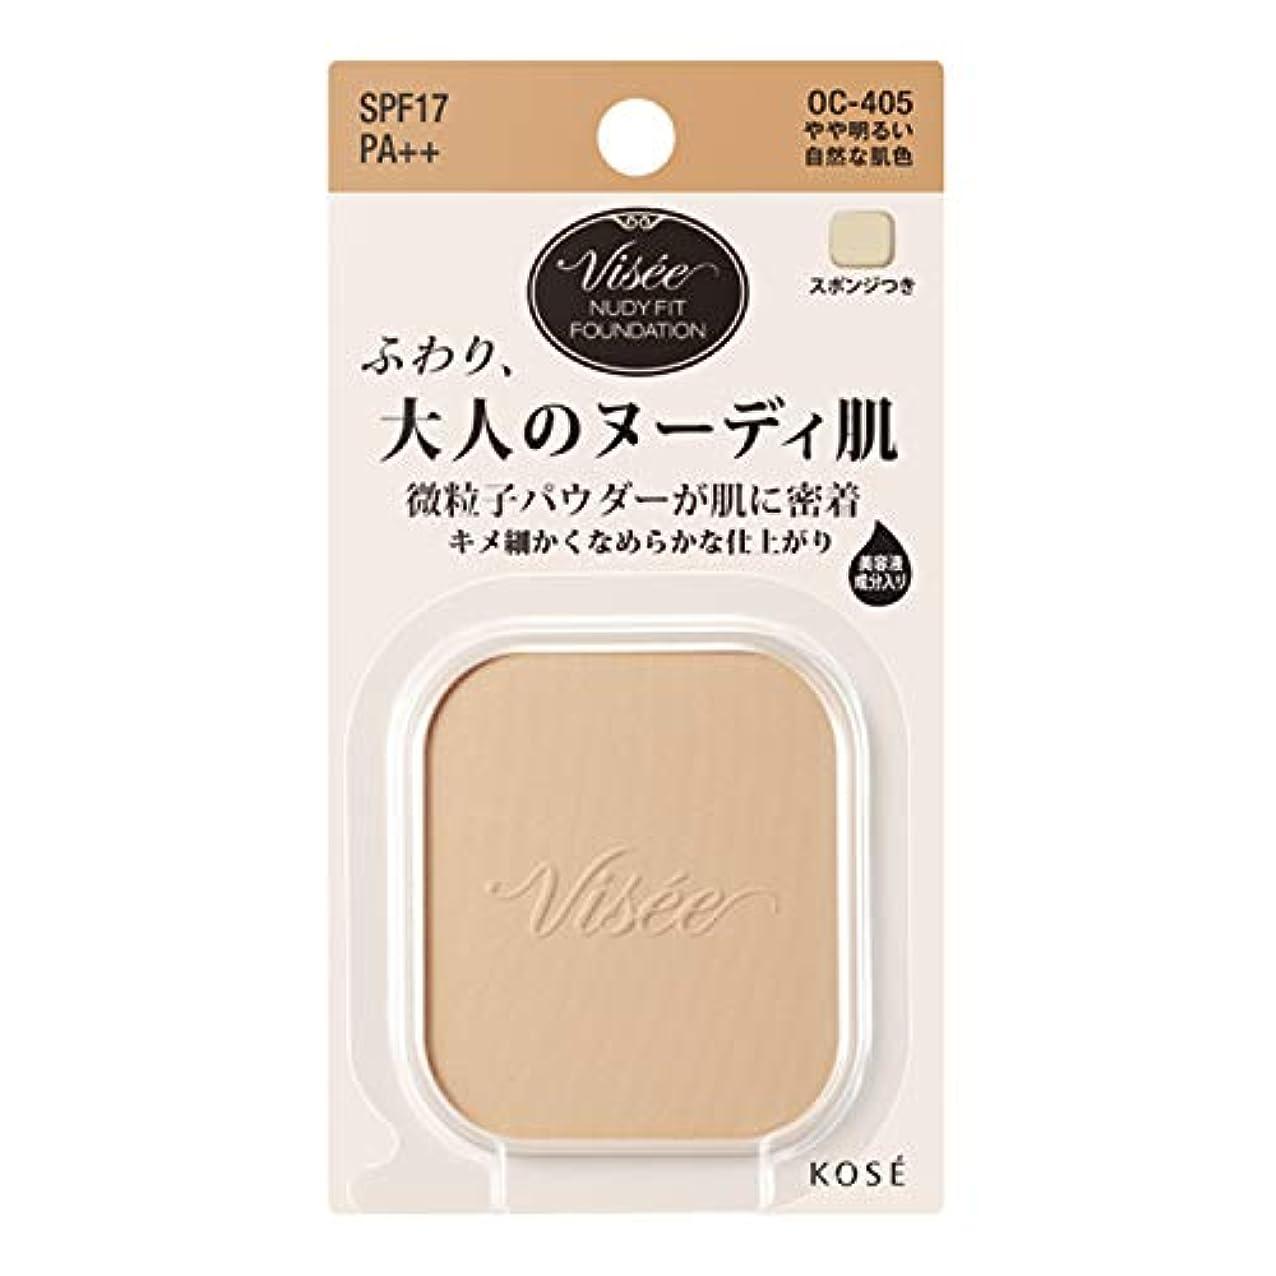 広告主感心する動くヴィセ リシェ ヌーディフィット ファンデーション やや明るい自然な肌色 OC-405 10g